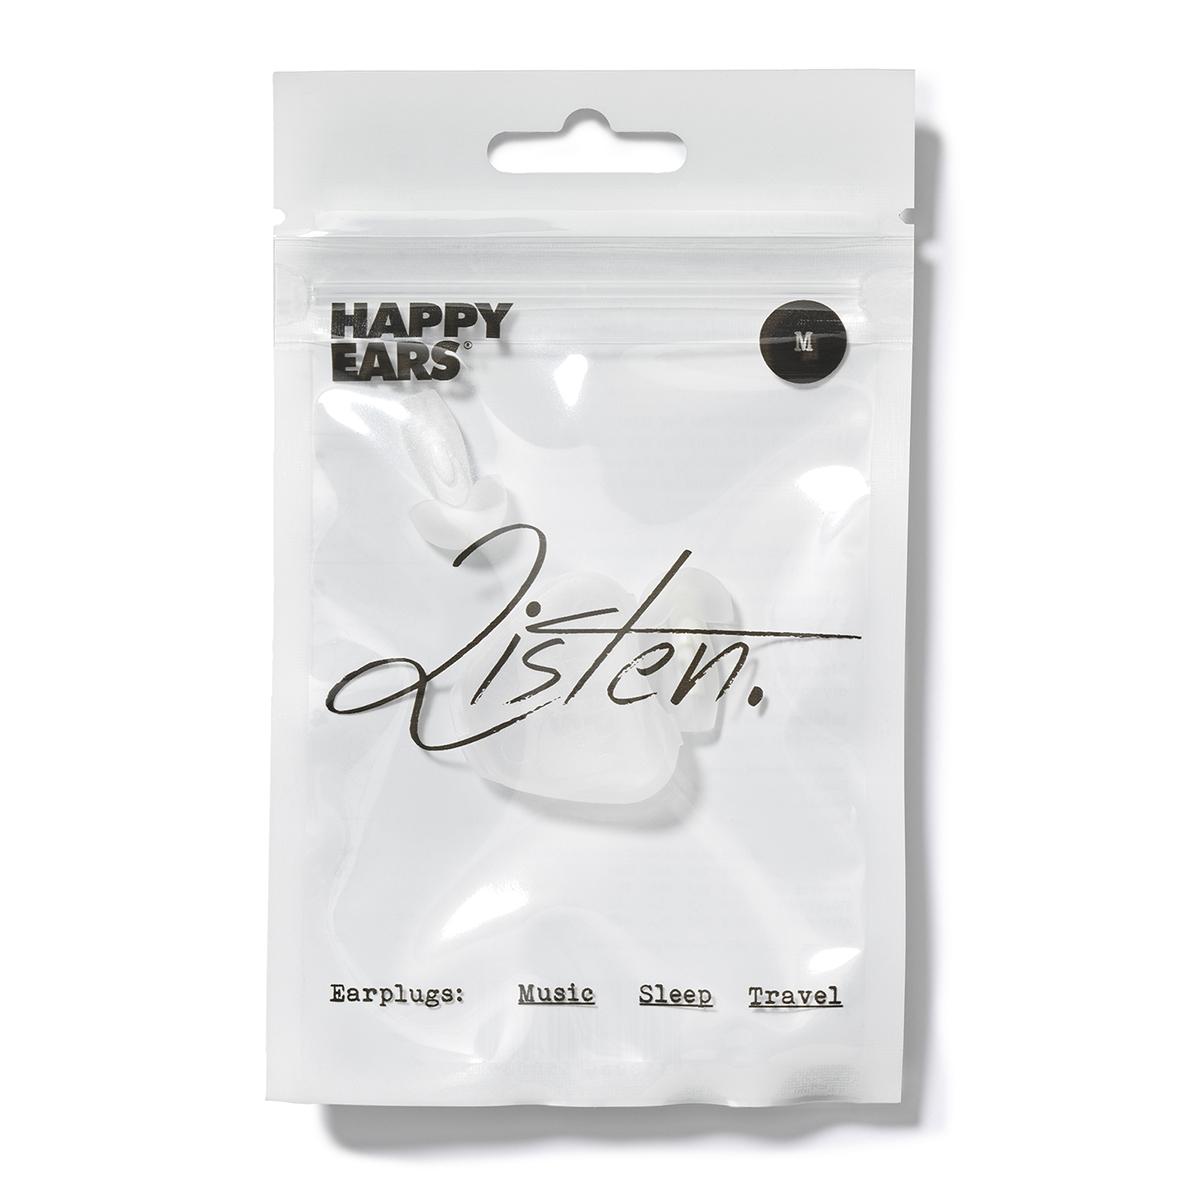 HAPPY EARS Mサイズ(WHITE)